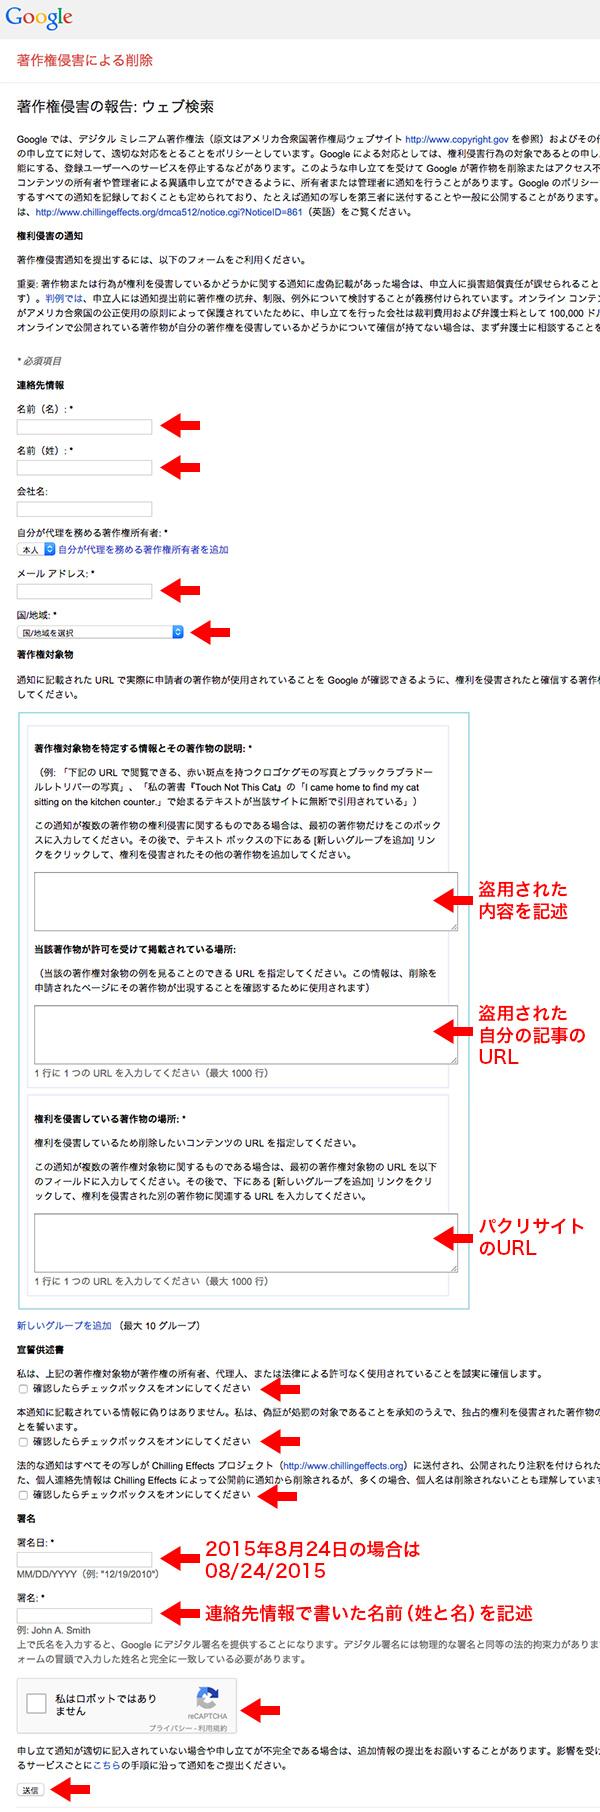 Googleに著作権侵害の報告